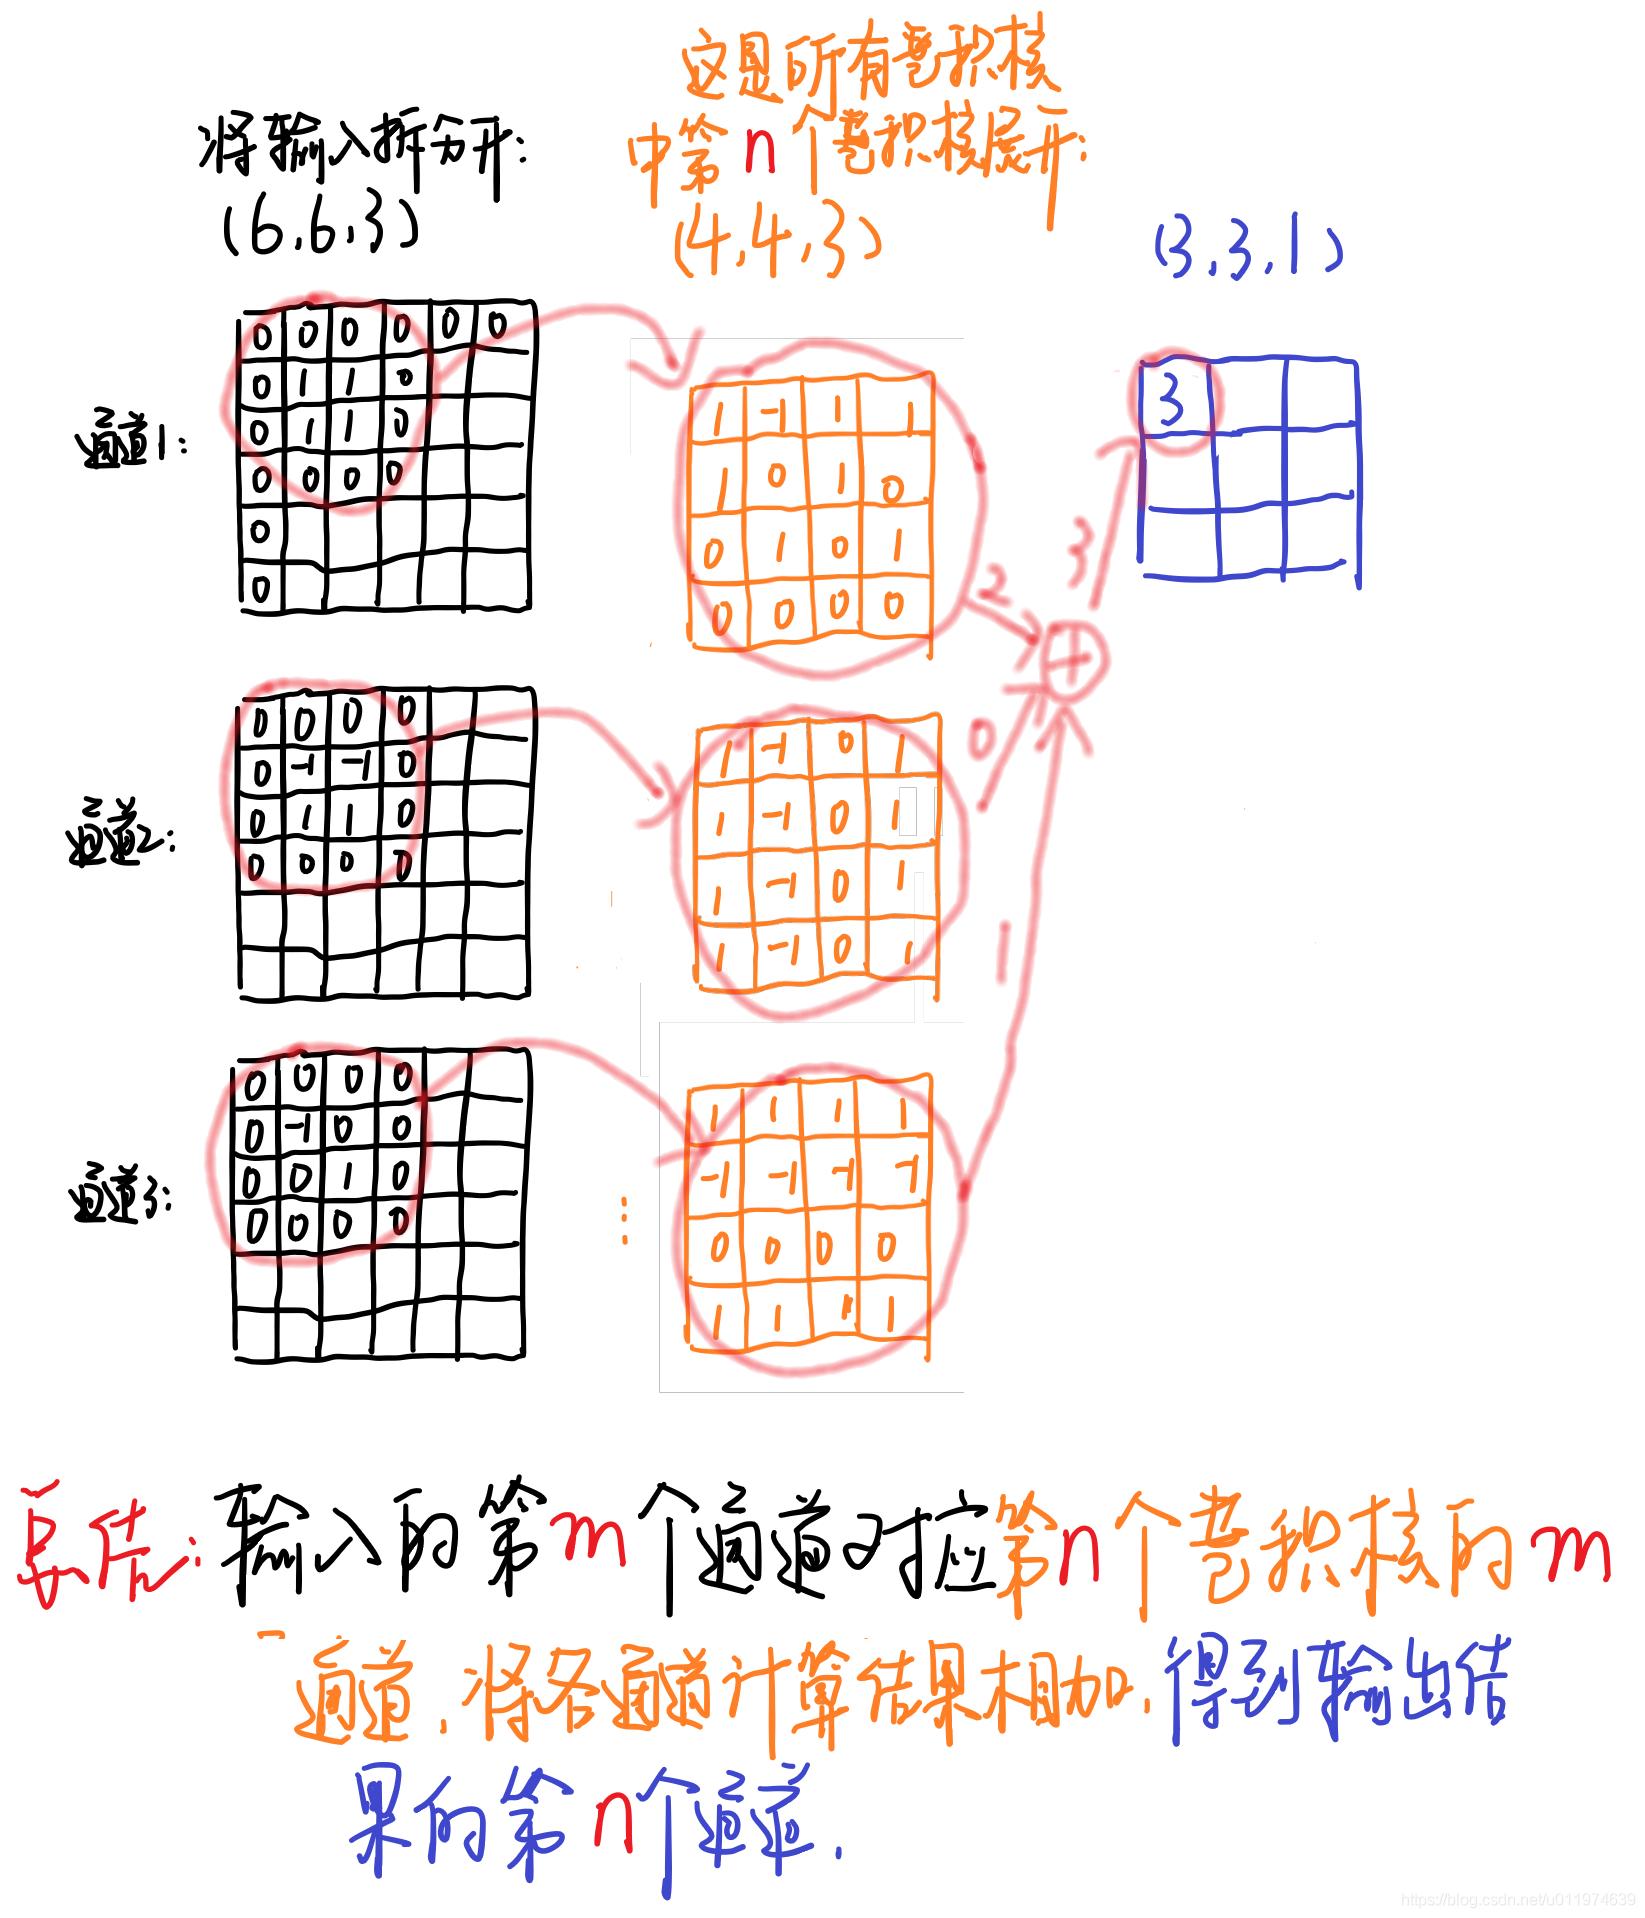 轻量级网络--MobileNet论文解读- DFan的NoteBook - CSDN博客